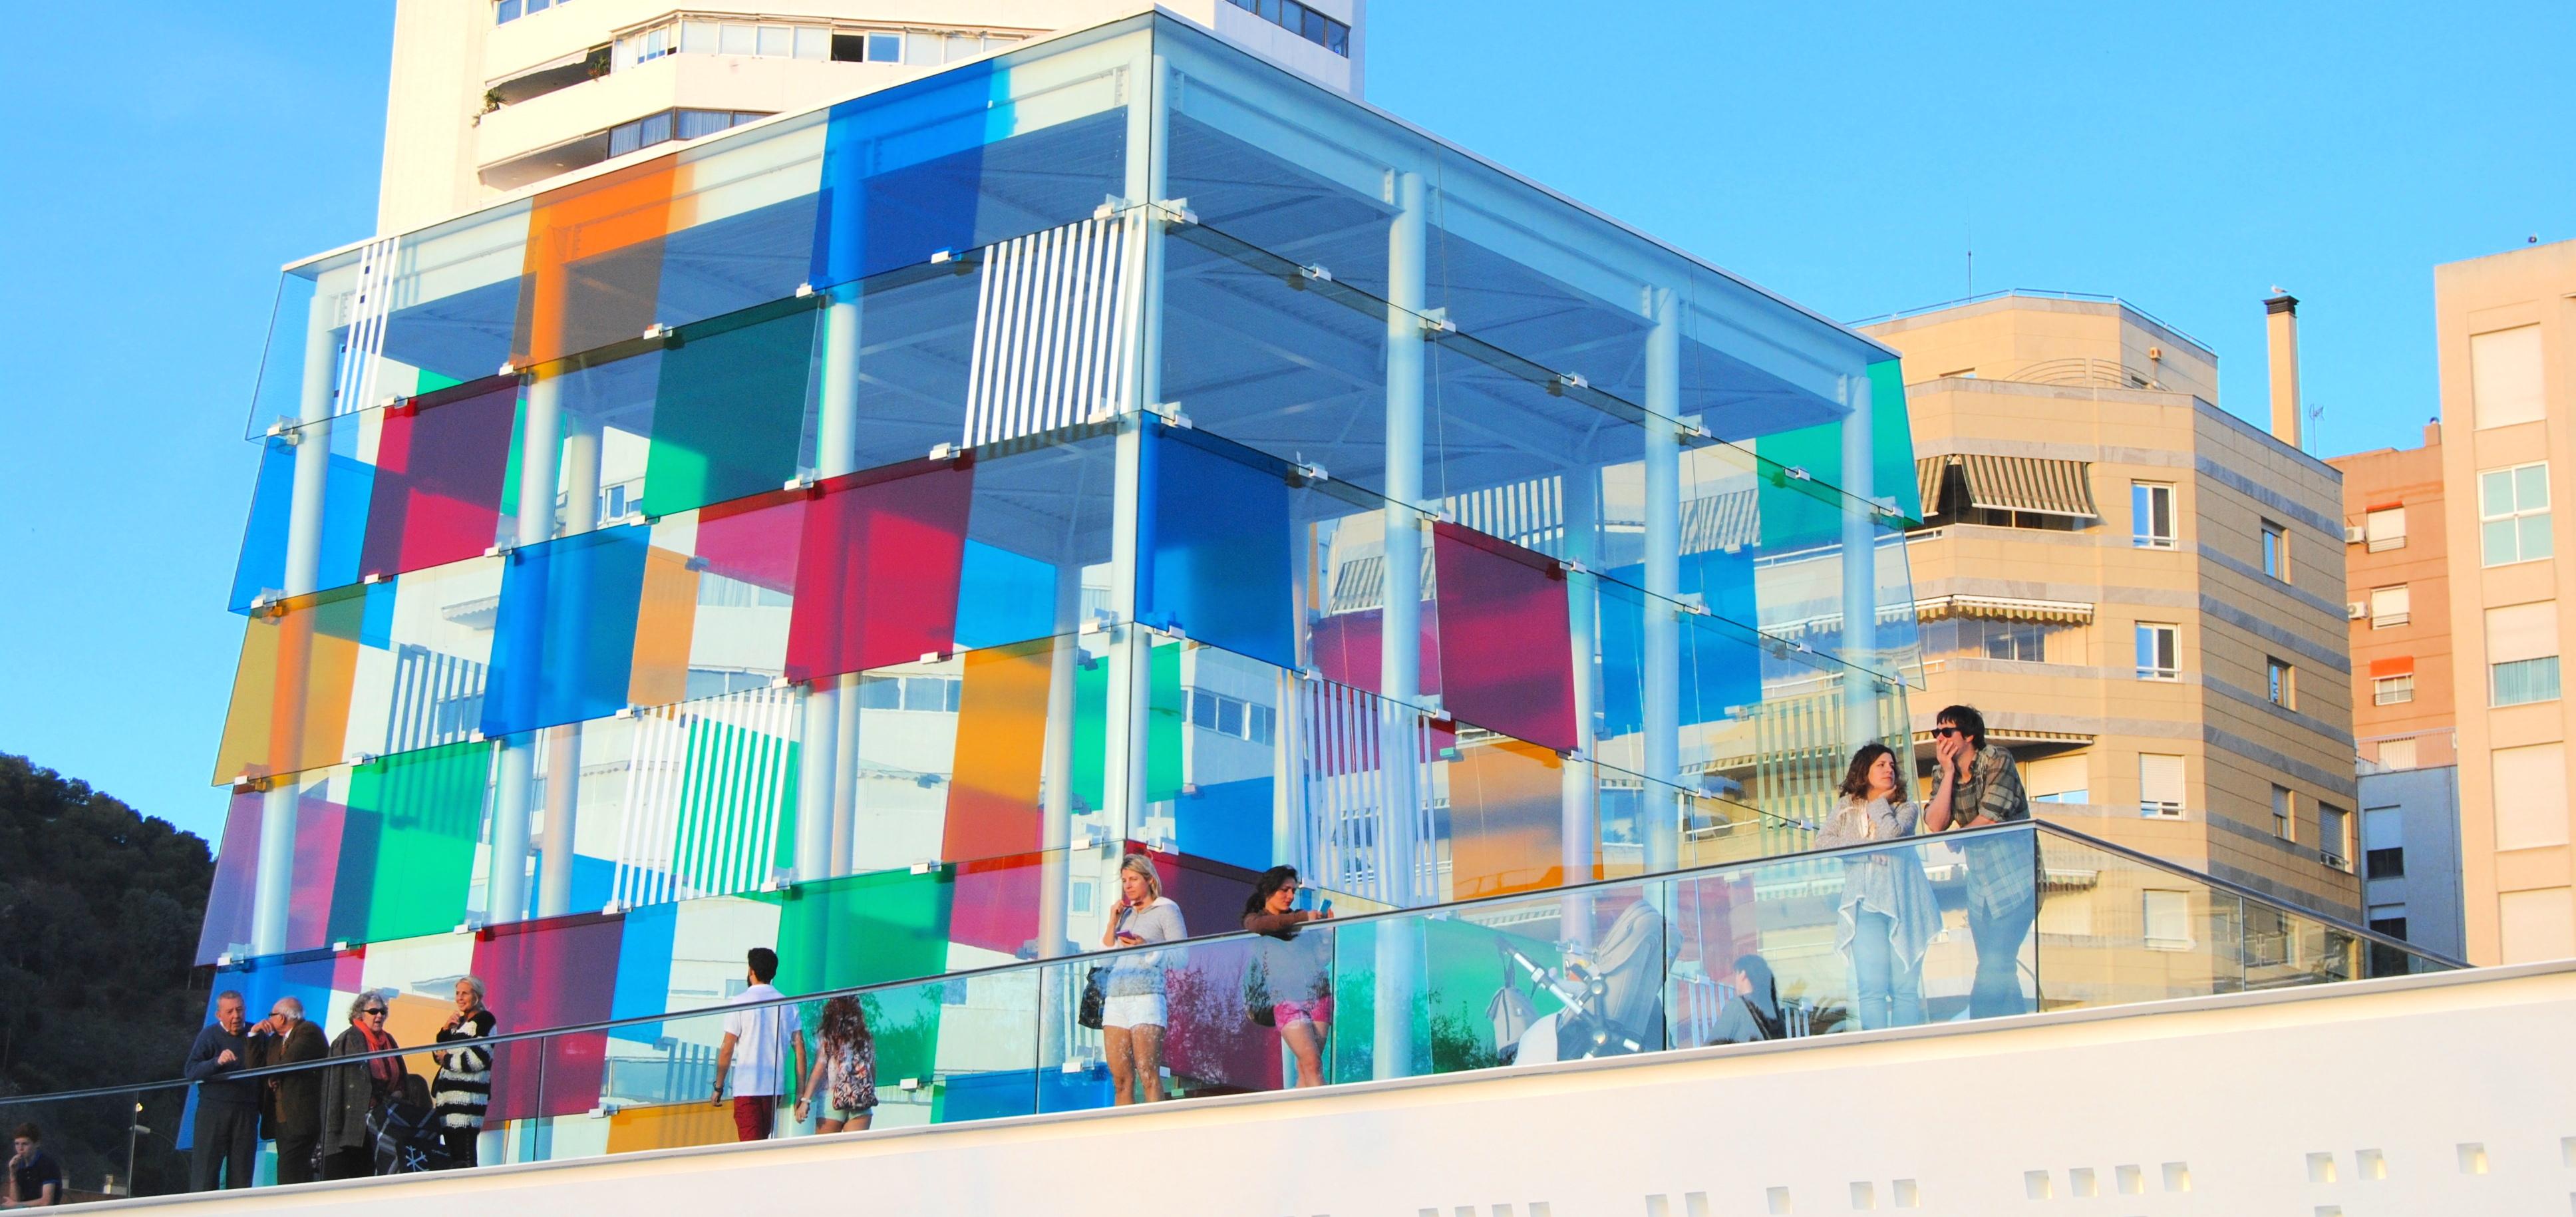 cubo colores centro pompidou malaga puerto muelle uno